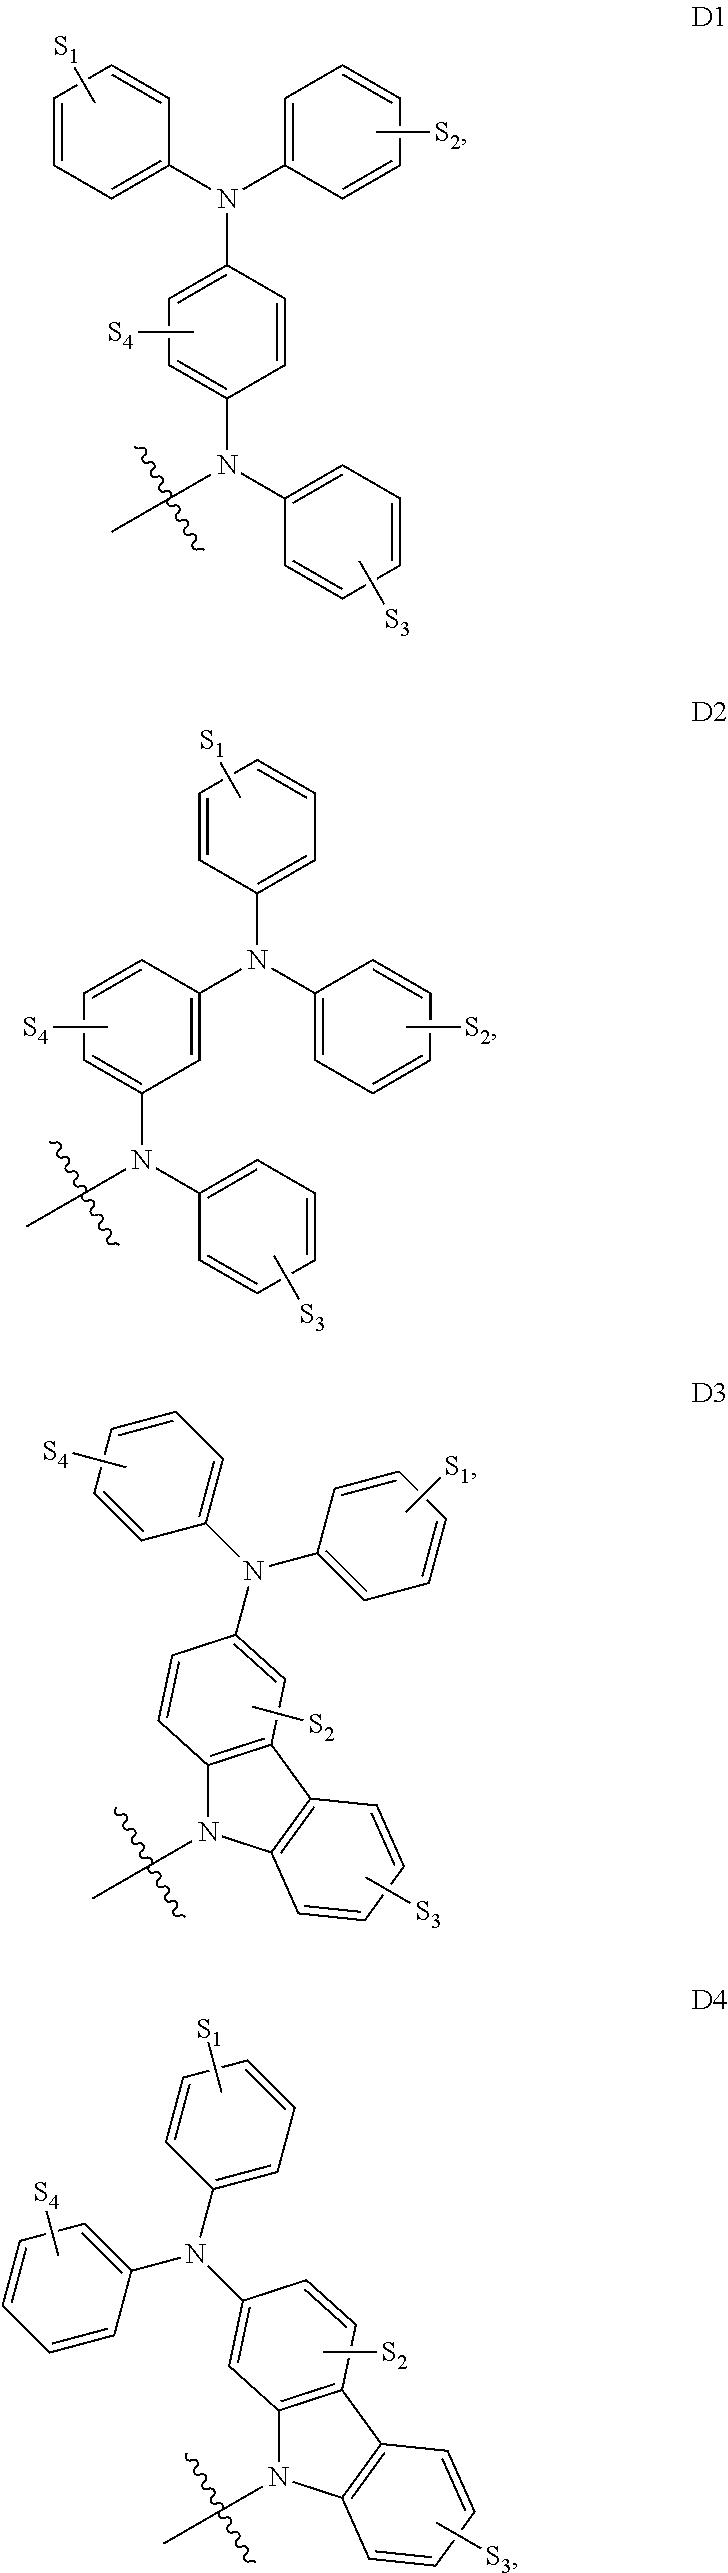 Figure US09537106-20170103-C00010